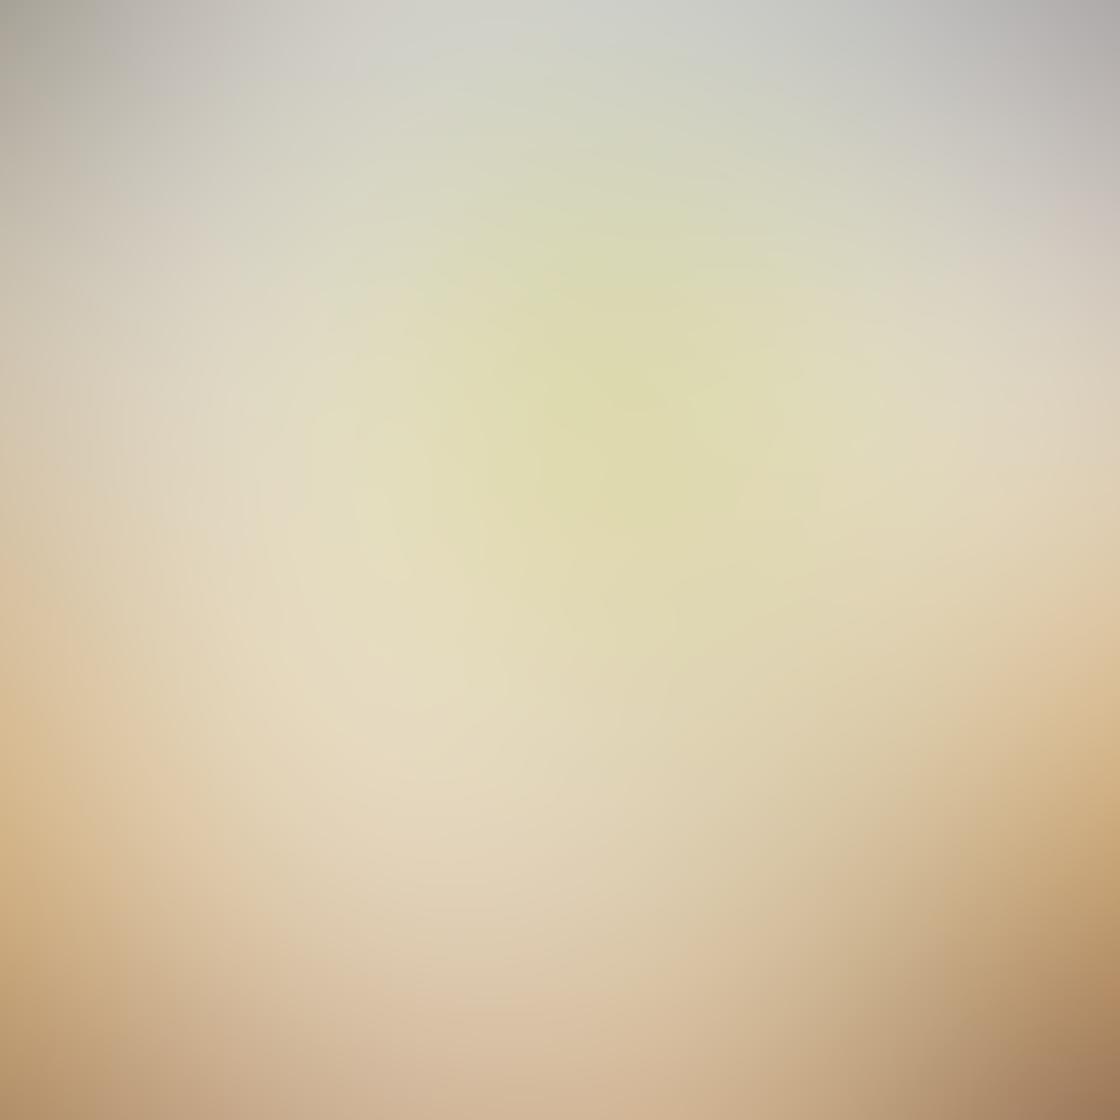 iPhone Photos Texture 51